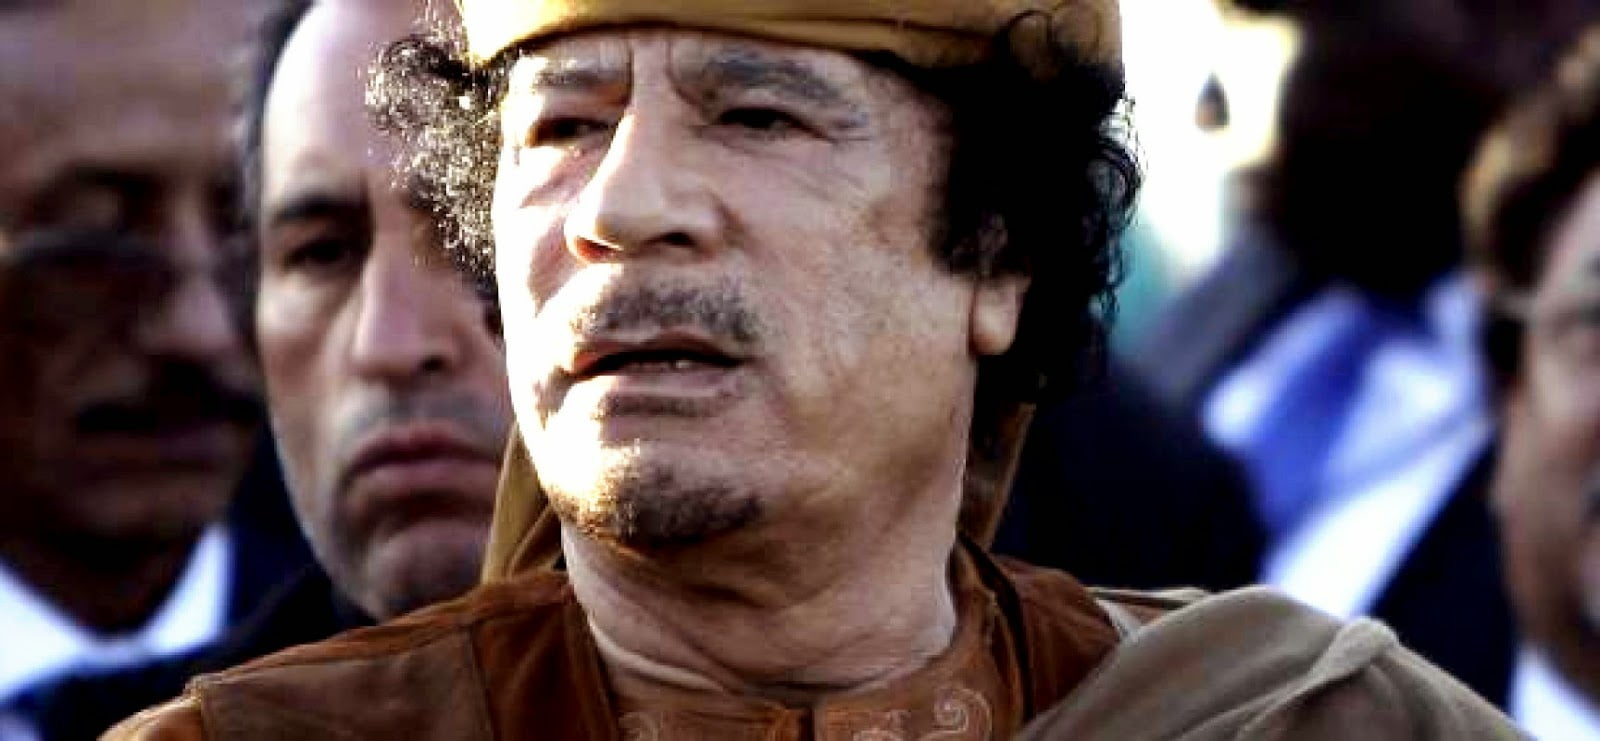 Βρέθηκε στη Νότια Αφρική … Ο θησαυρός του Καντάφι